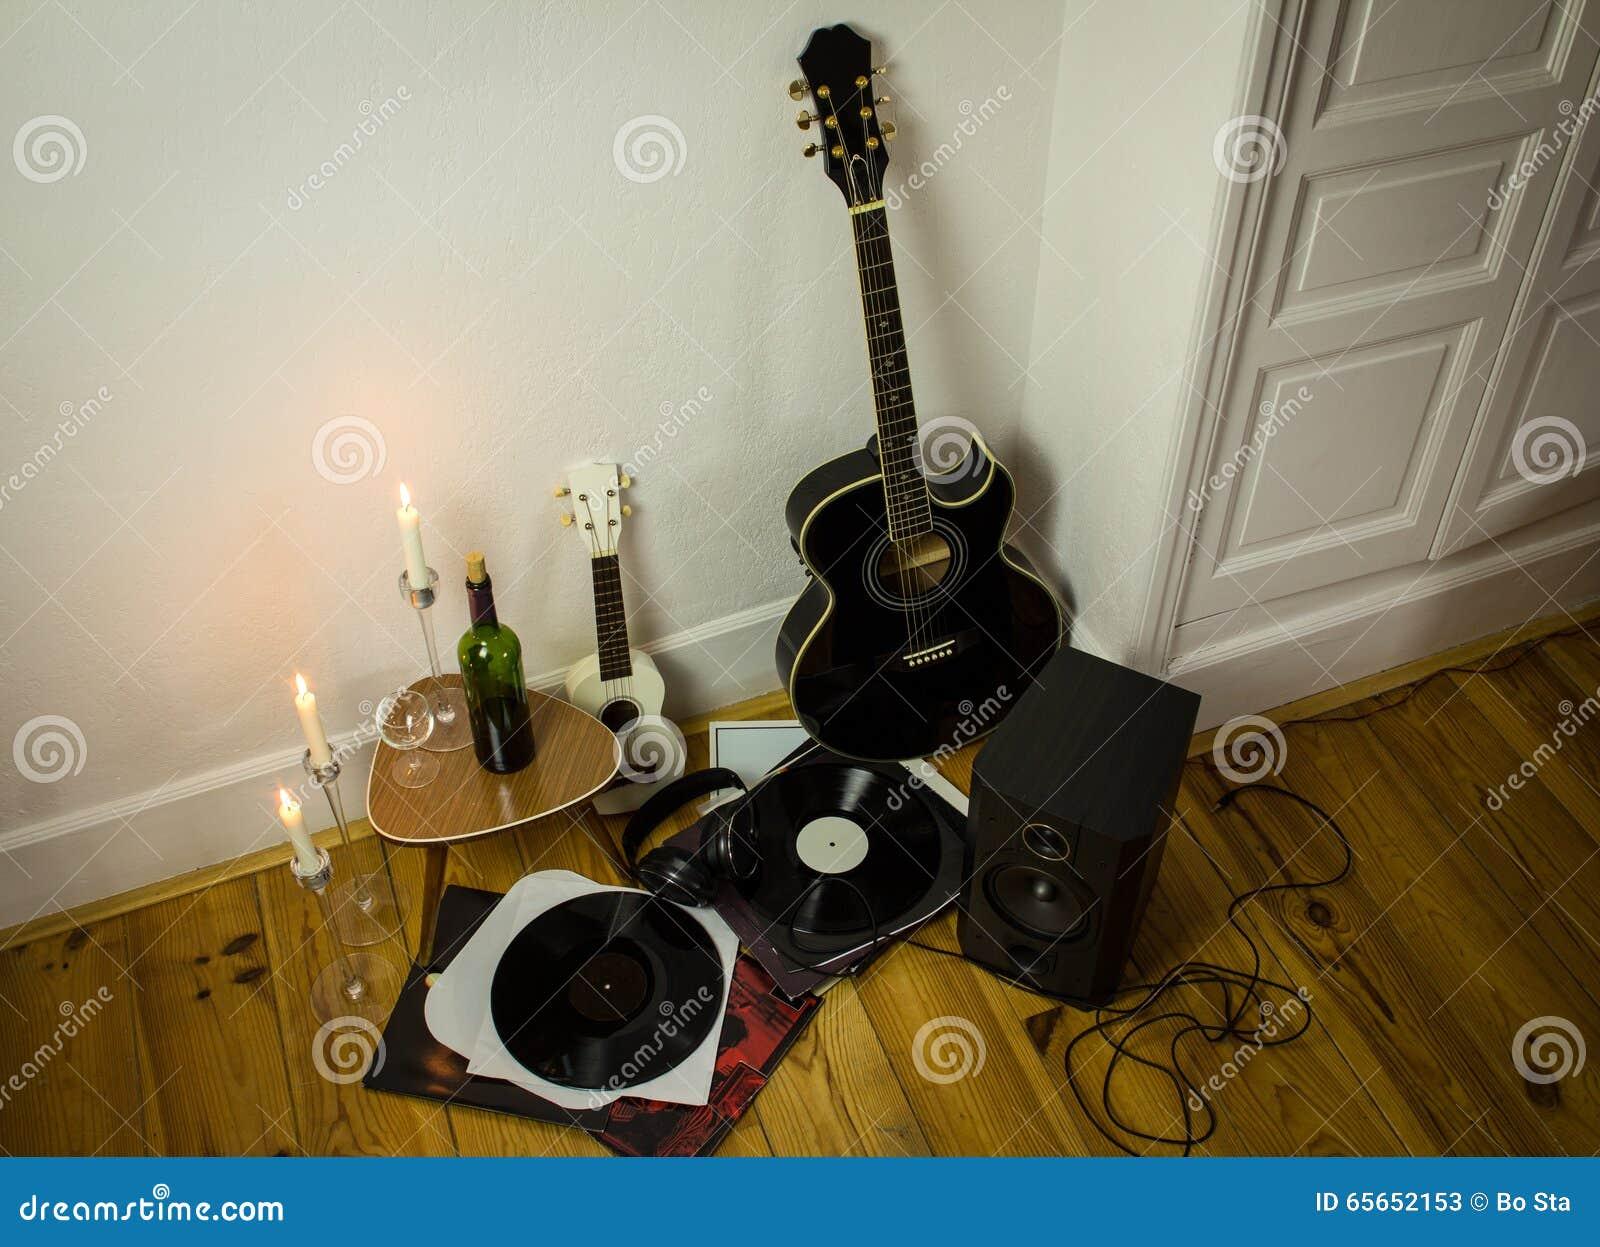 Rock N Roll Setup With Ukulele Acoustic Guitar Speaker